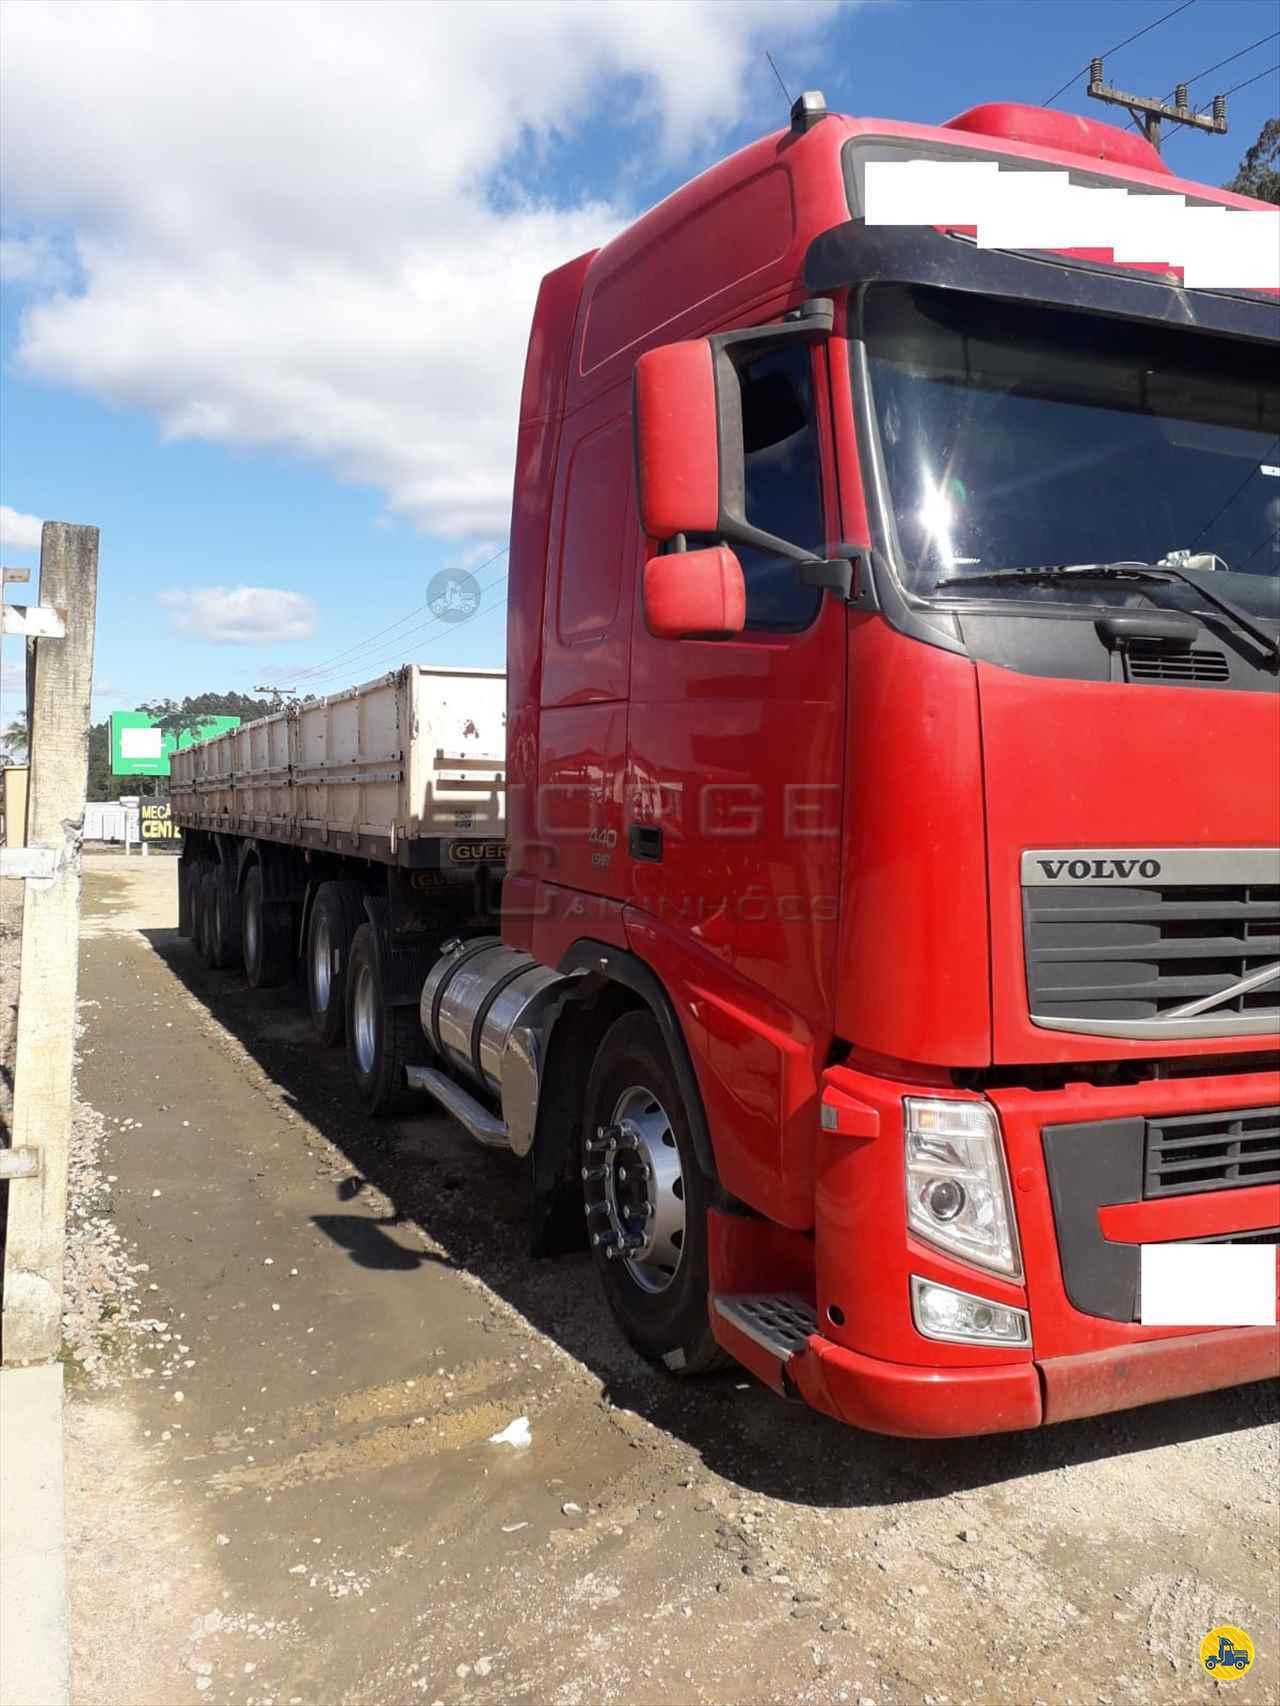 CAMINHAO VOLVO VOLVO FH 440 Cavalo Mecânico Truck 6x2 Jorge Caminhões CURITIBA PARANÁ PR